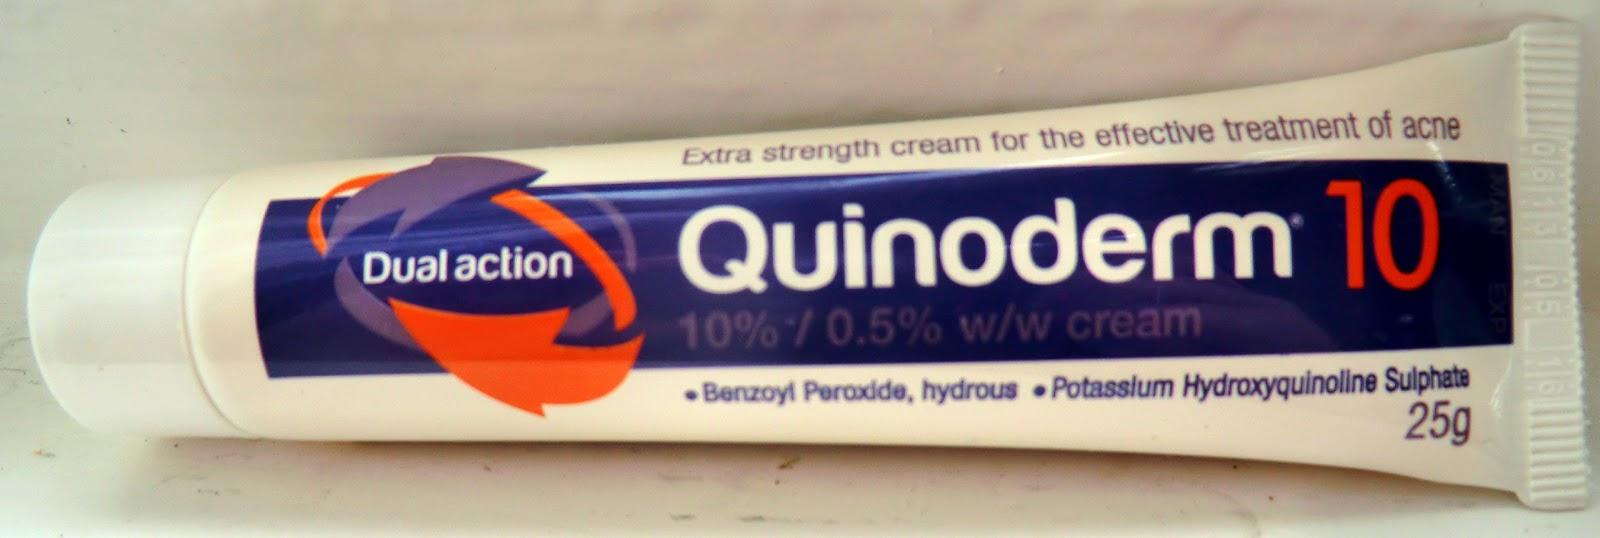 Cara Membunuh Bakteri Penyebab Jerawat Dengan Quinoderm Cream